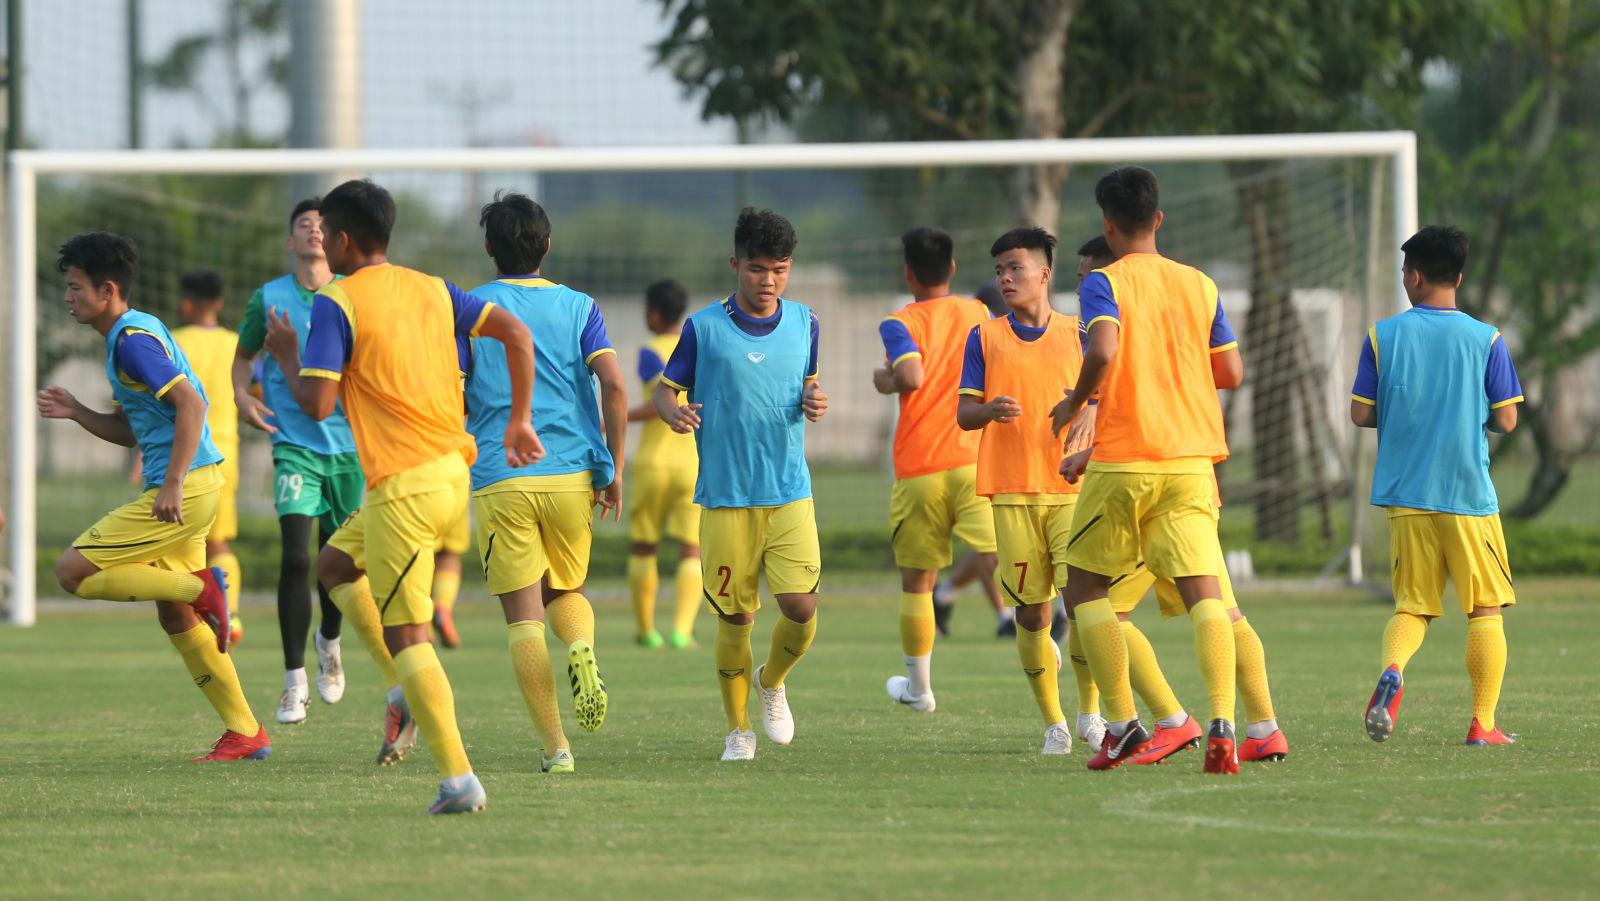 truc tiep bong da hom nay, U19 Việt Nam đấu với U19 Guam, trực tiếp bóng đá, U19 VN vs U19 Guam, bóng đá trực tiếp, HTV, VTV6, xem bóng đá trực tuyến, U19 châu Á 2020